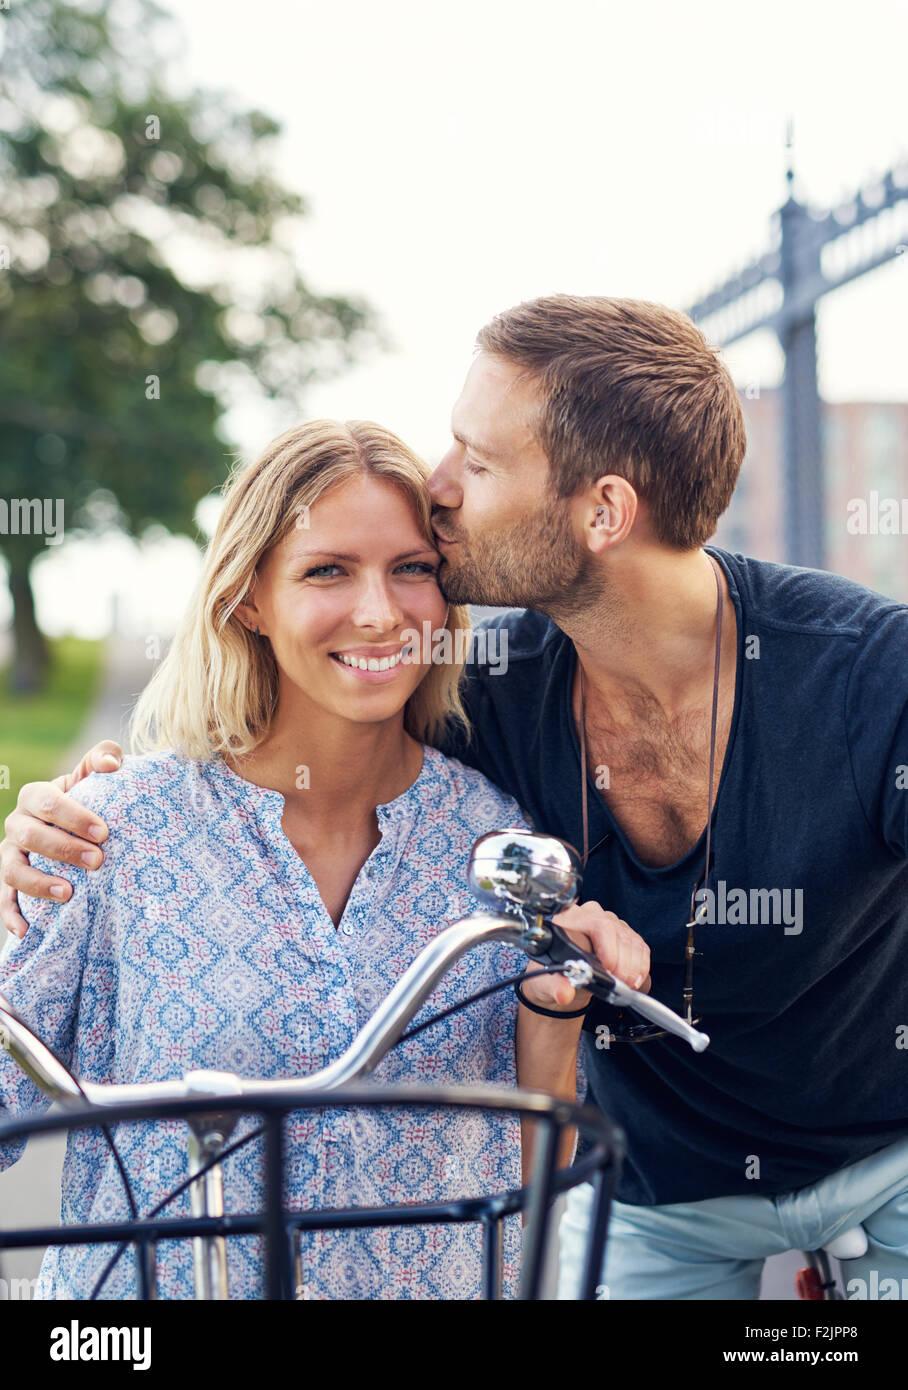 Tendre jeune homme embrassant sa petite amie sur le front qu'ils bénéficient d'une journée Photo Stock